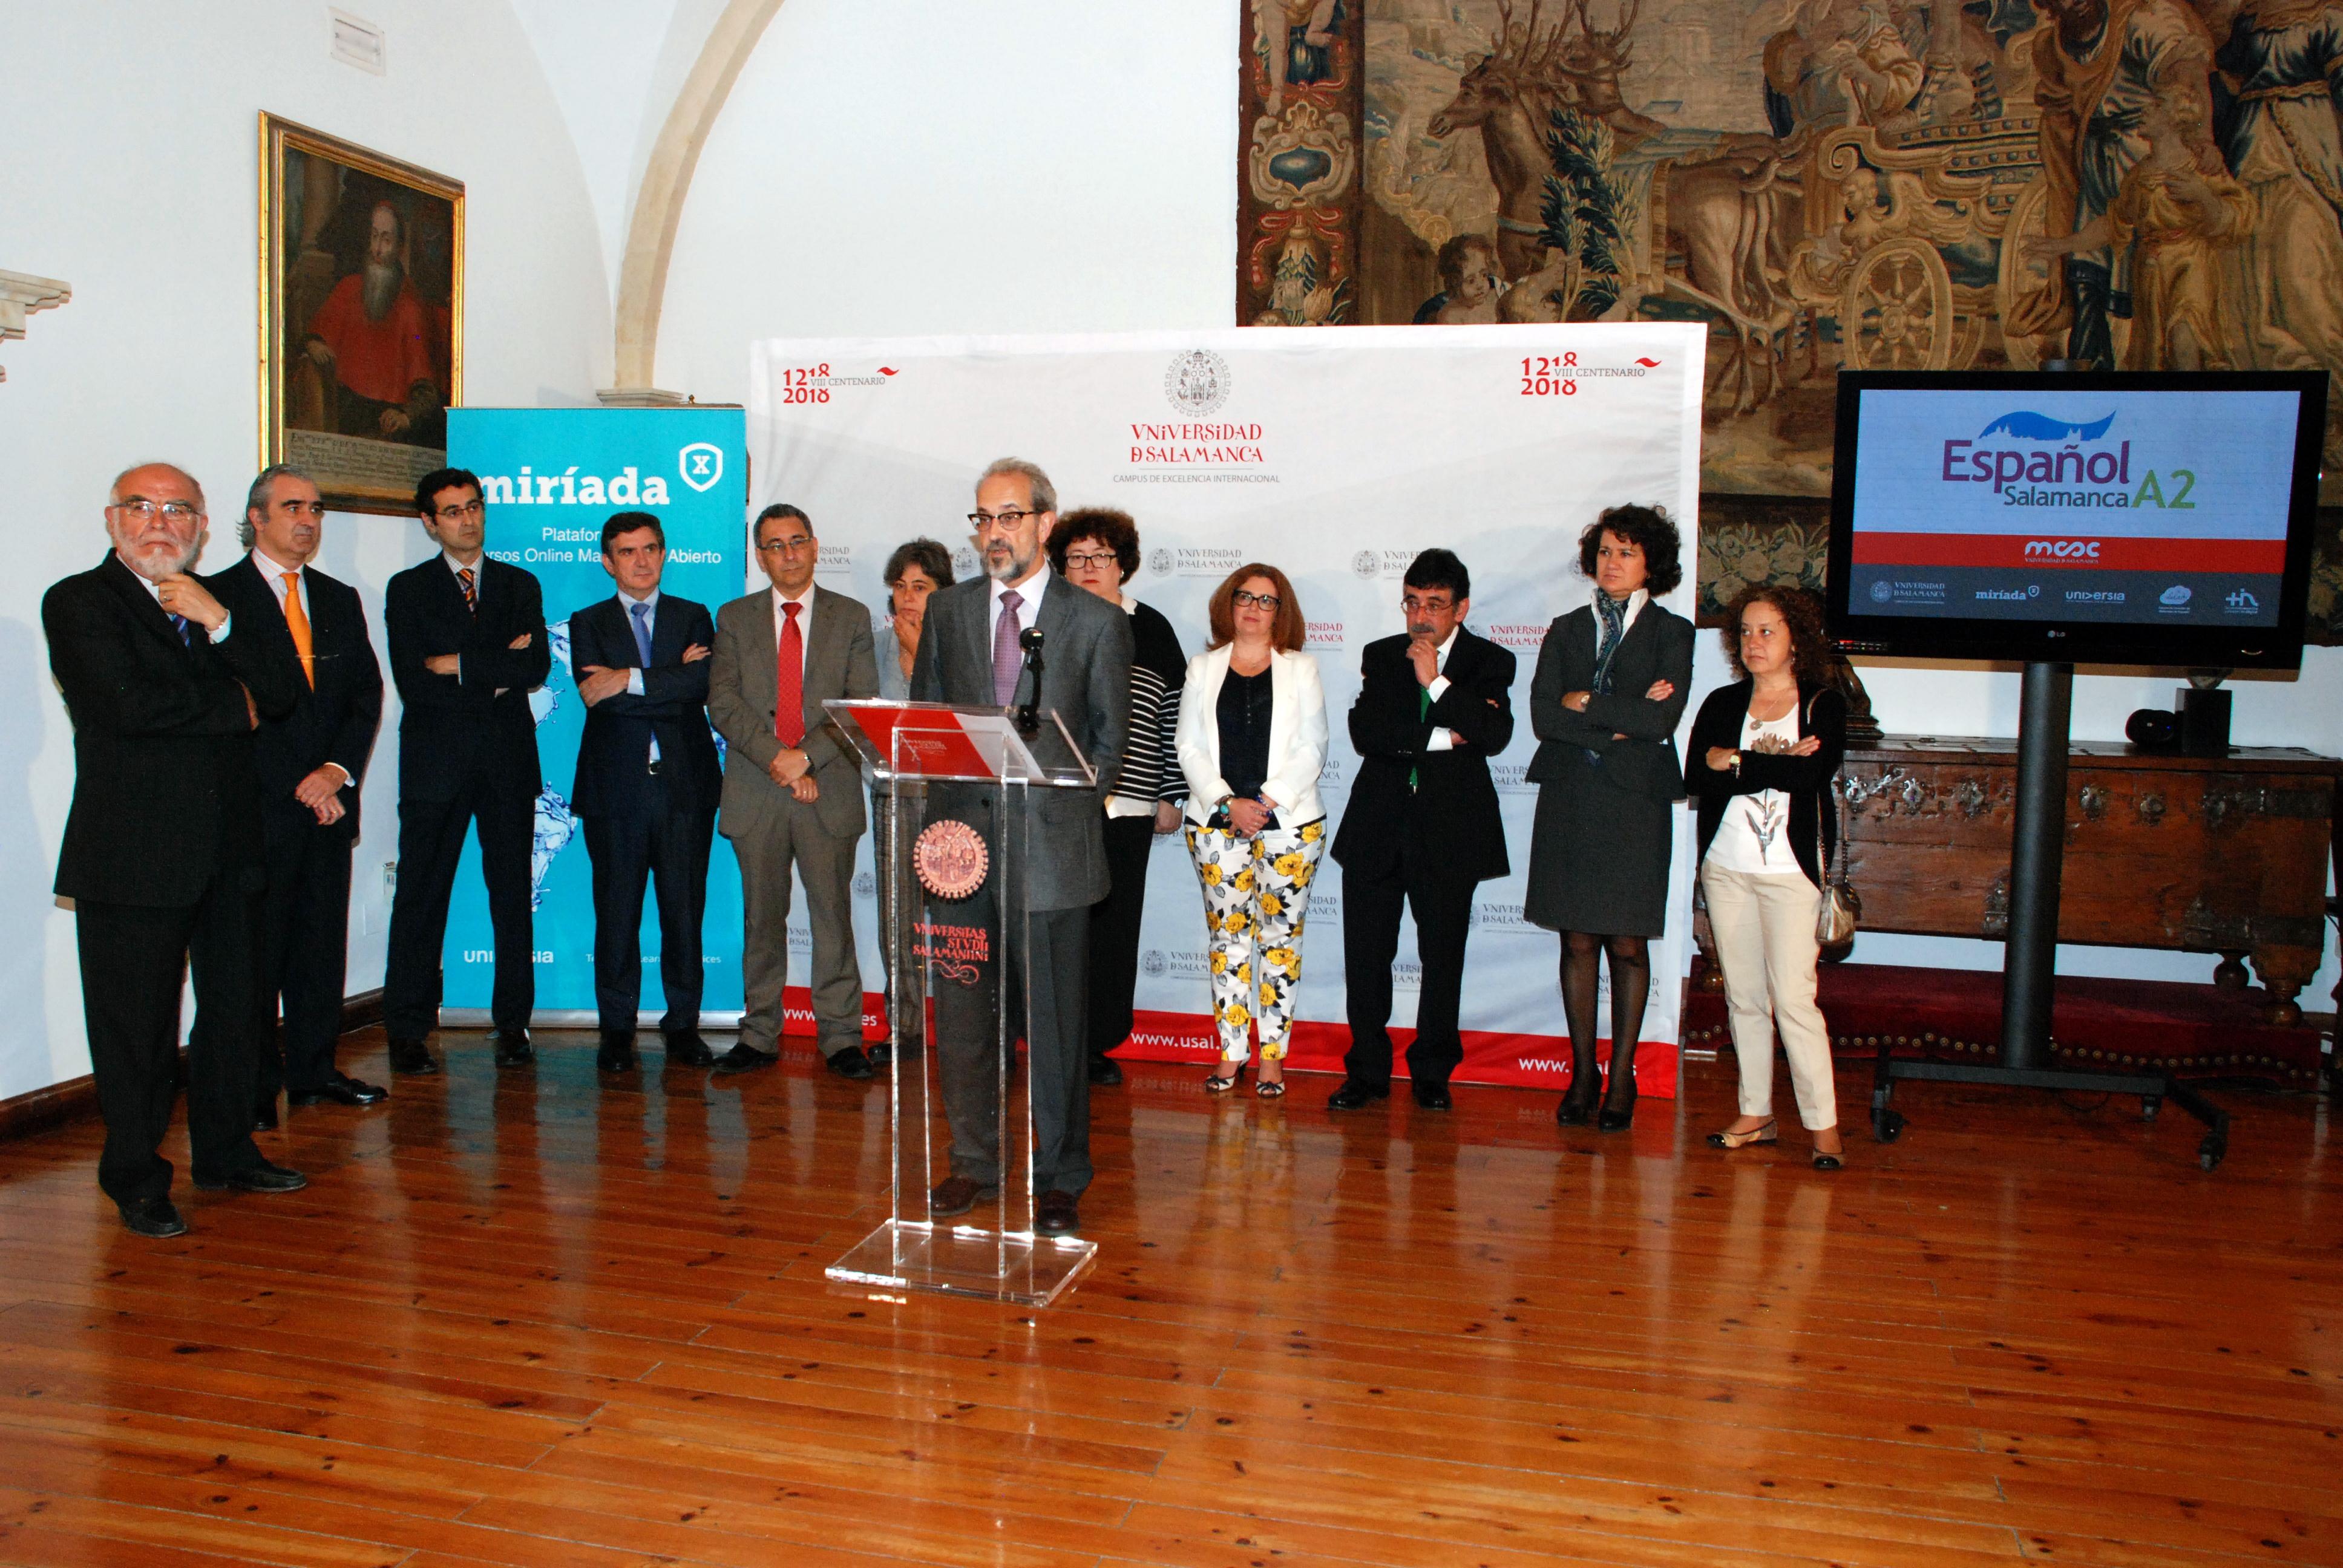 La Universidad de Salamanca presenta su primer MOOC de enseñanza del español, que se impartirá en colaboración con Universia a través de la plataforma Miríada X